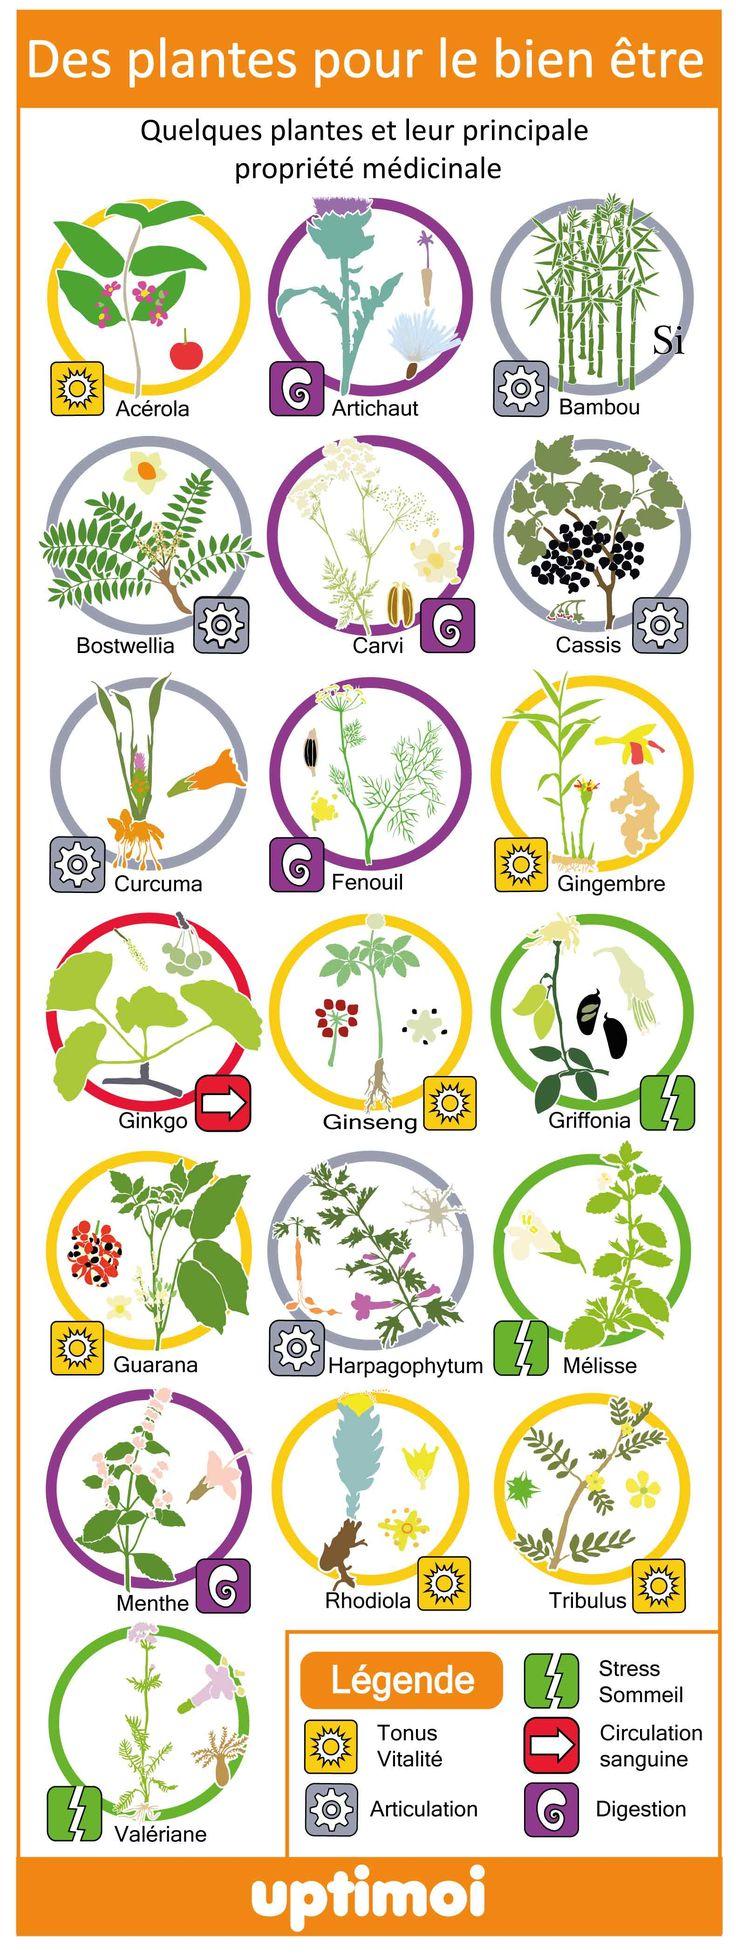 Une courte liste de plantes médicinales et leur principale propriété. Phytothérapie.  A short list of medicinal plants and their main property